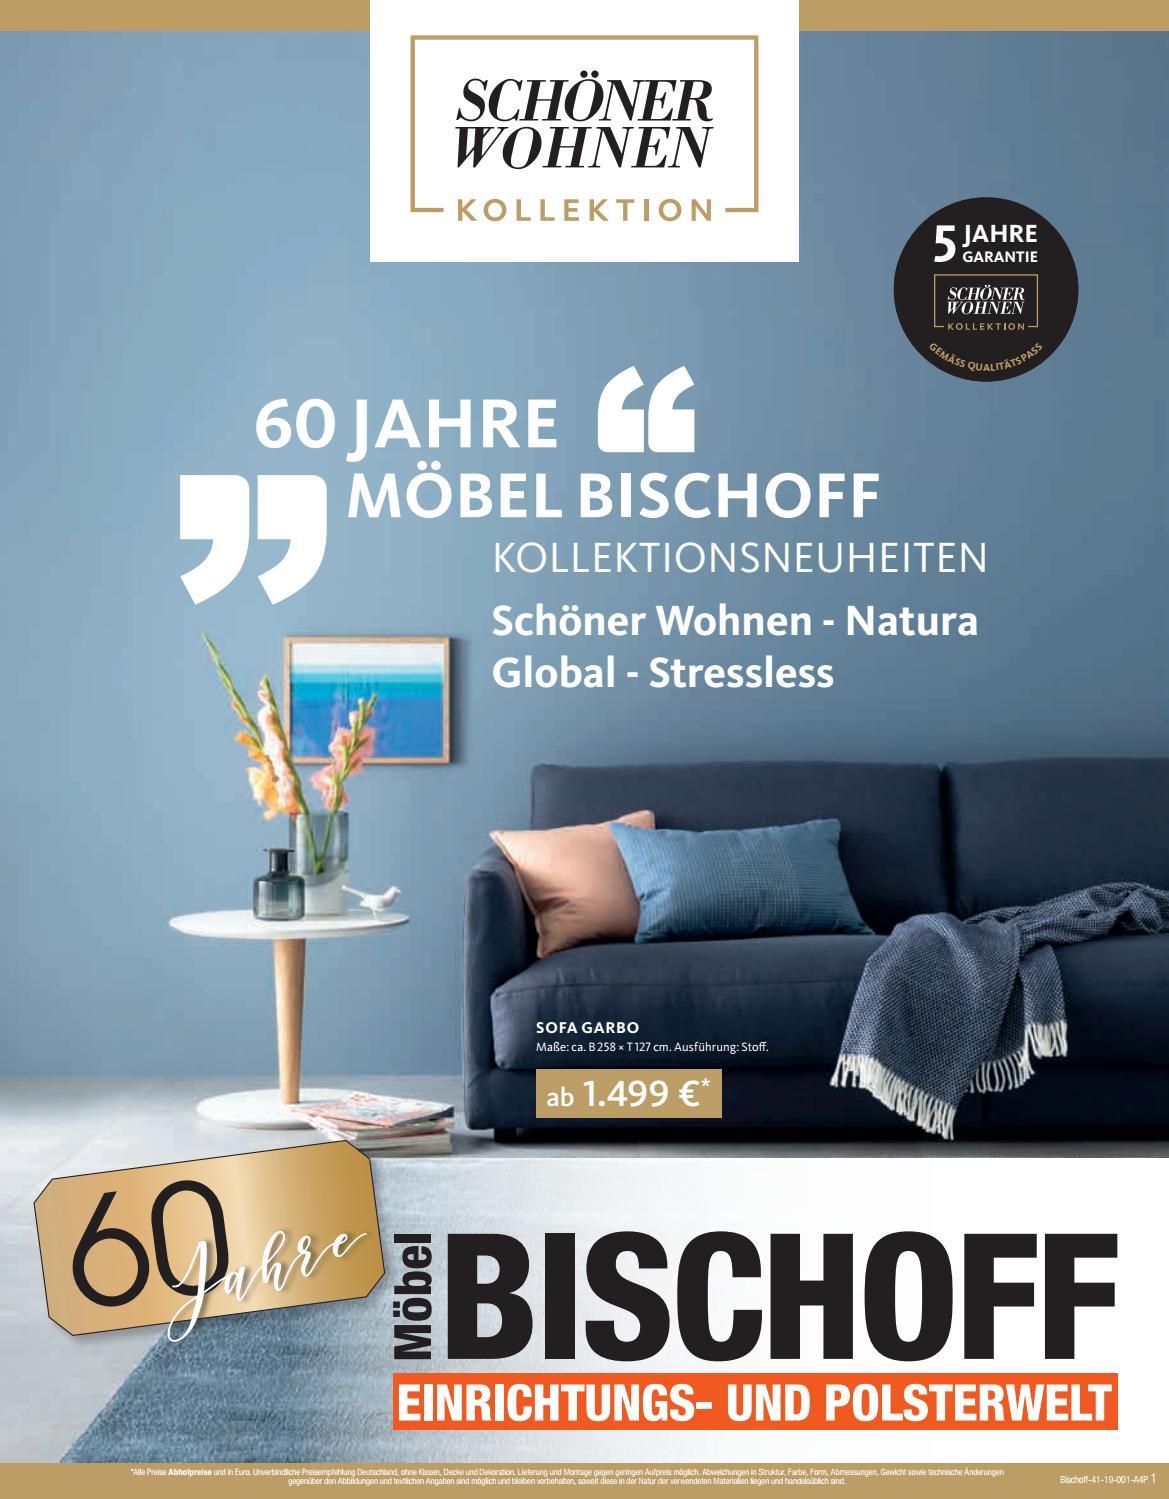 Schoner Wohnen Bei Mobel Bischoff By Perspektive Werbeagentur Issuu